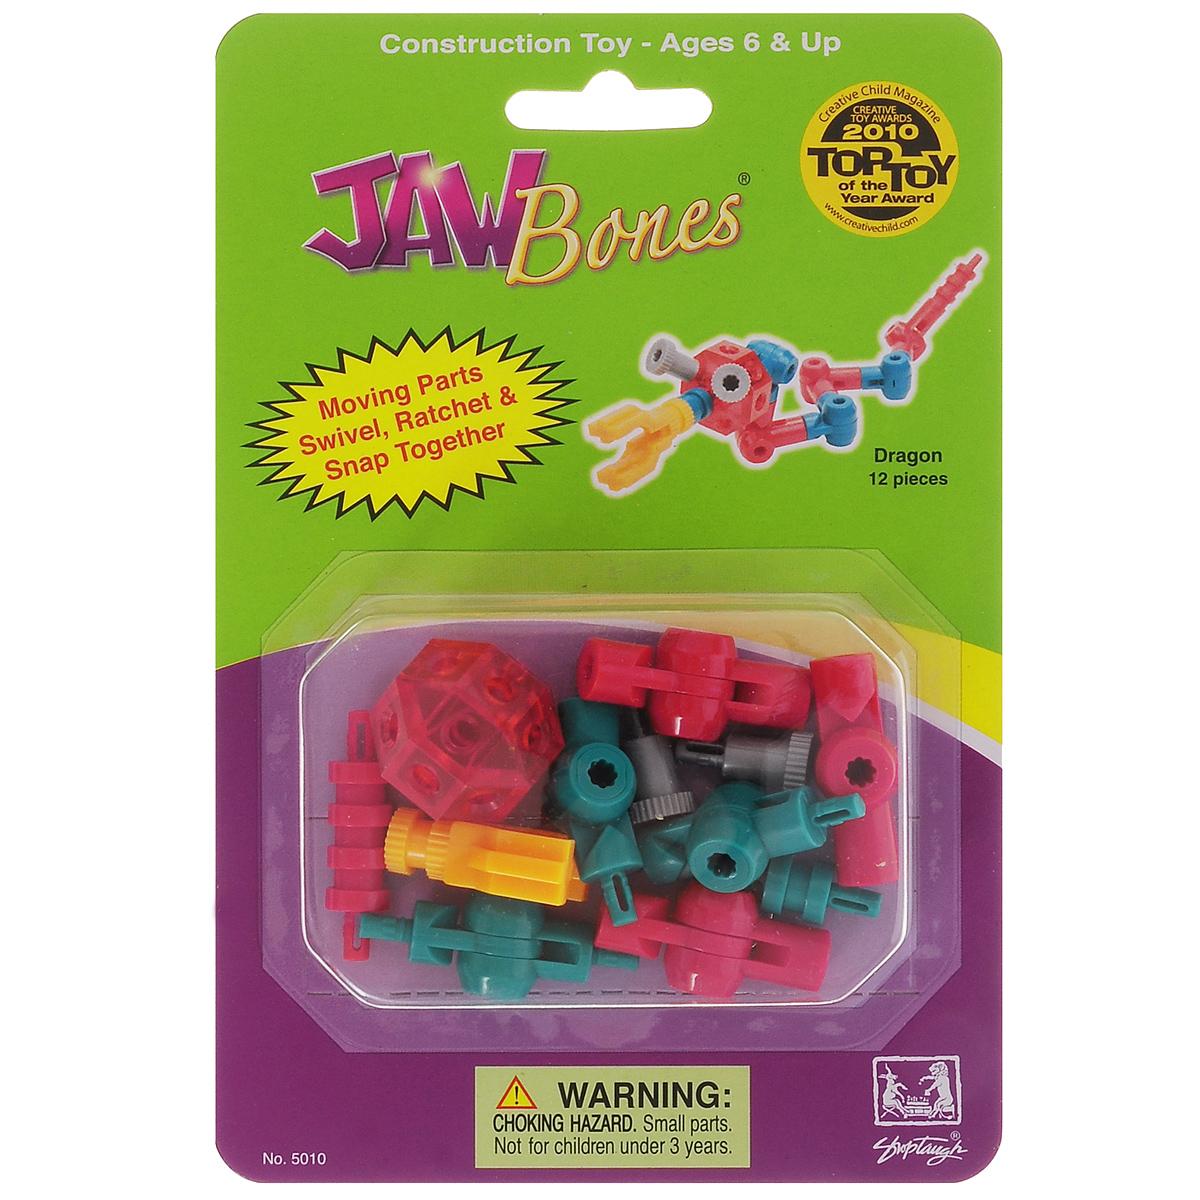 Jawbones Конструктор Дракон5010Новый развивающий конструктор Jawbones непременно понравится вашему ребенку! При помощи красочных деталей, с уникальным креплением, можно собрать дракона в оригинальном и неповторимом стиле. Конструктор состоит из 12 элементов различные истории.